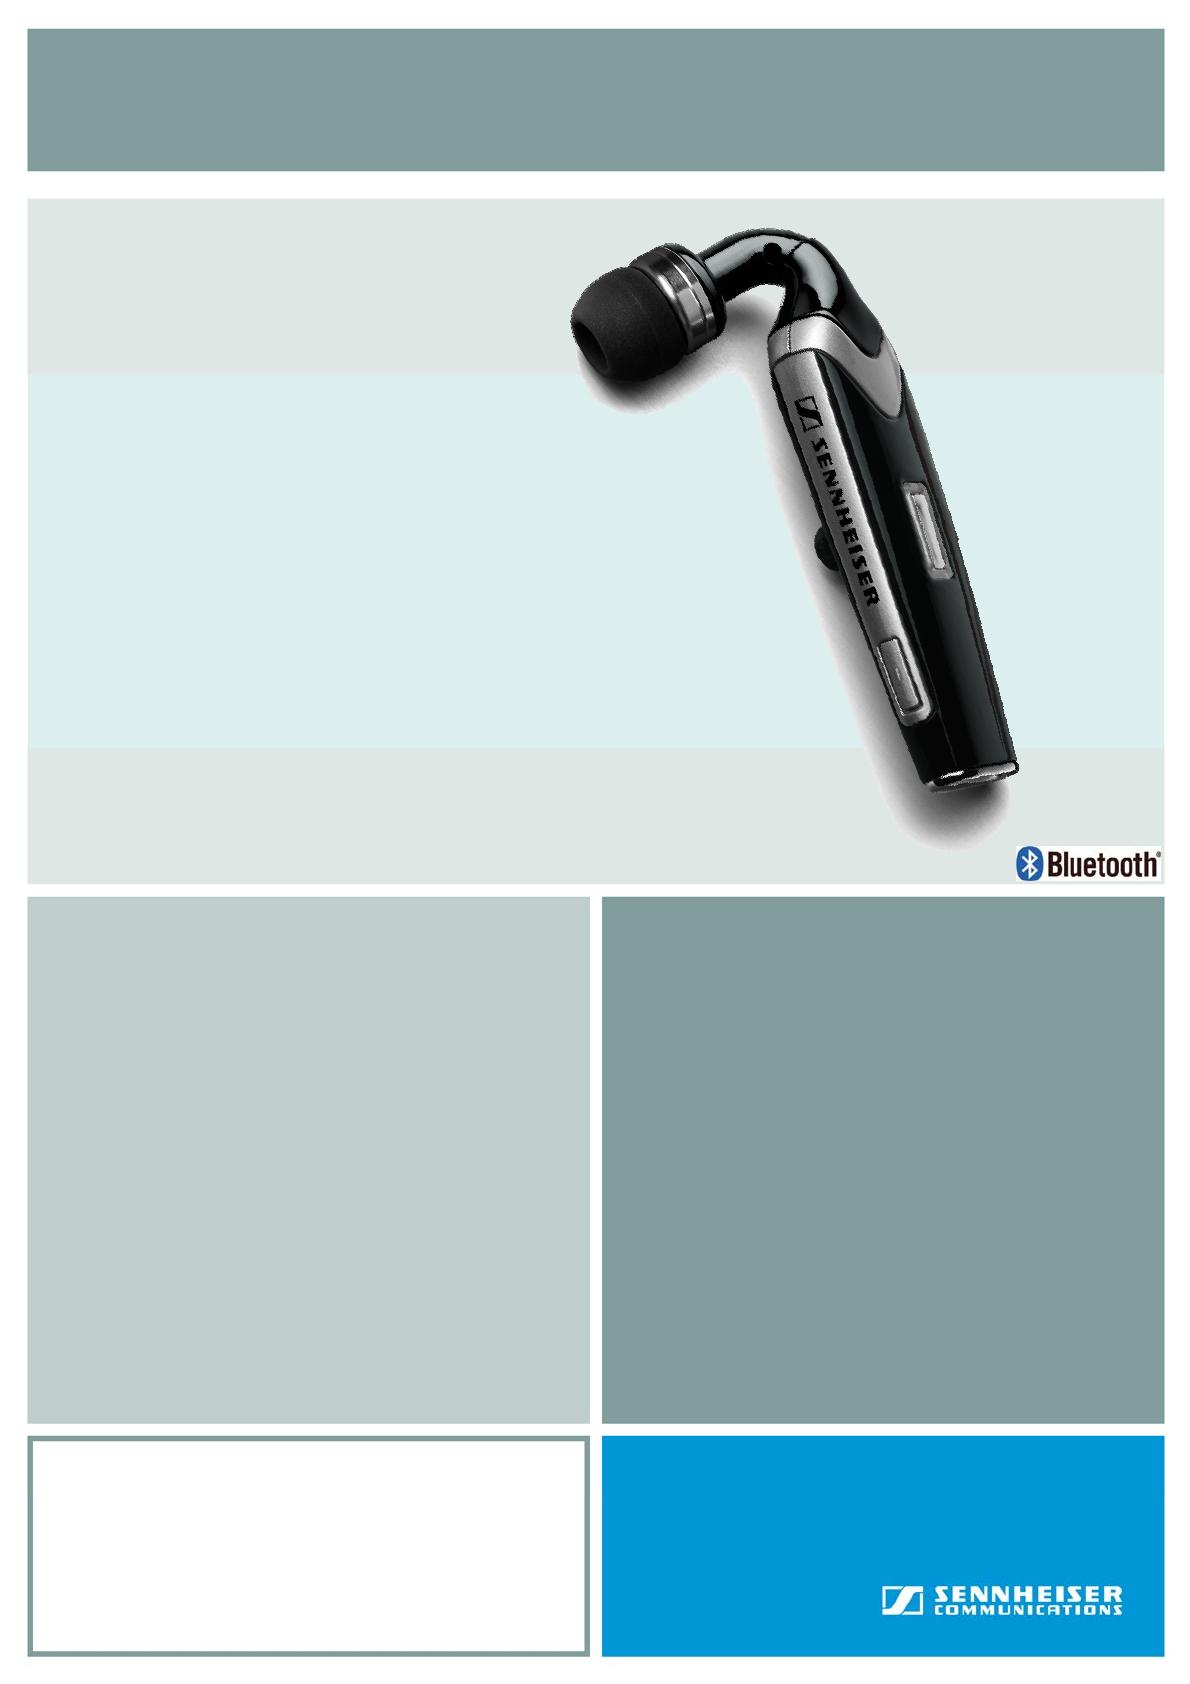 sennheiser bluetooth headset flx 70 user guide manualsonline com rh phone manualsonline com